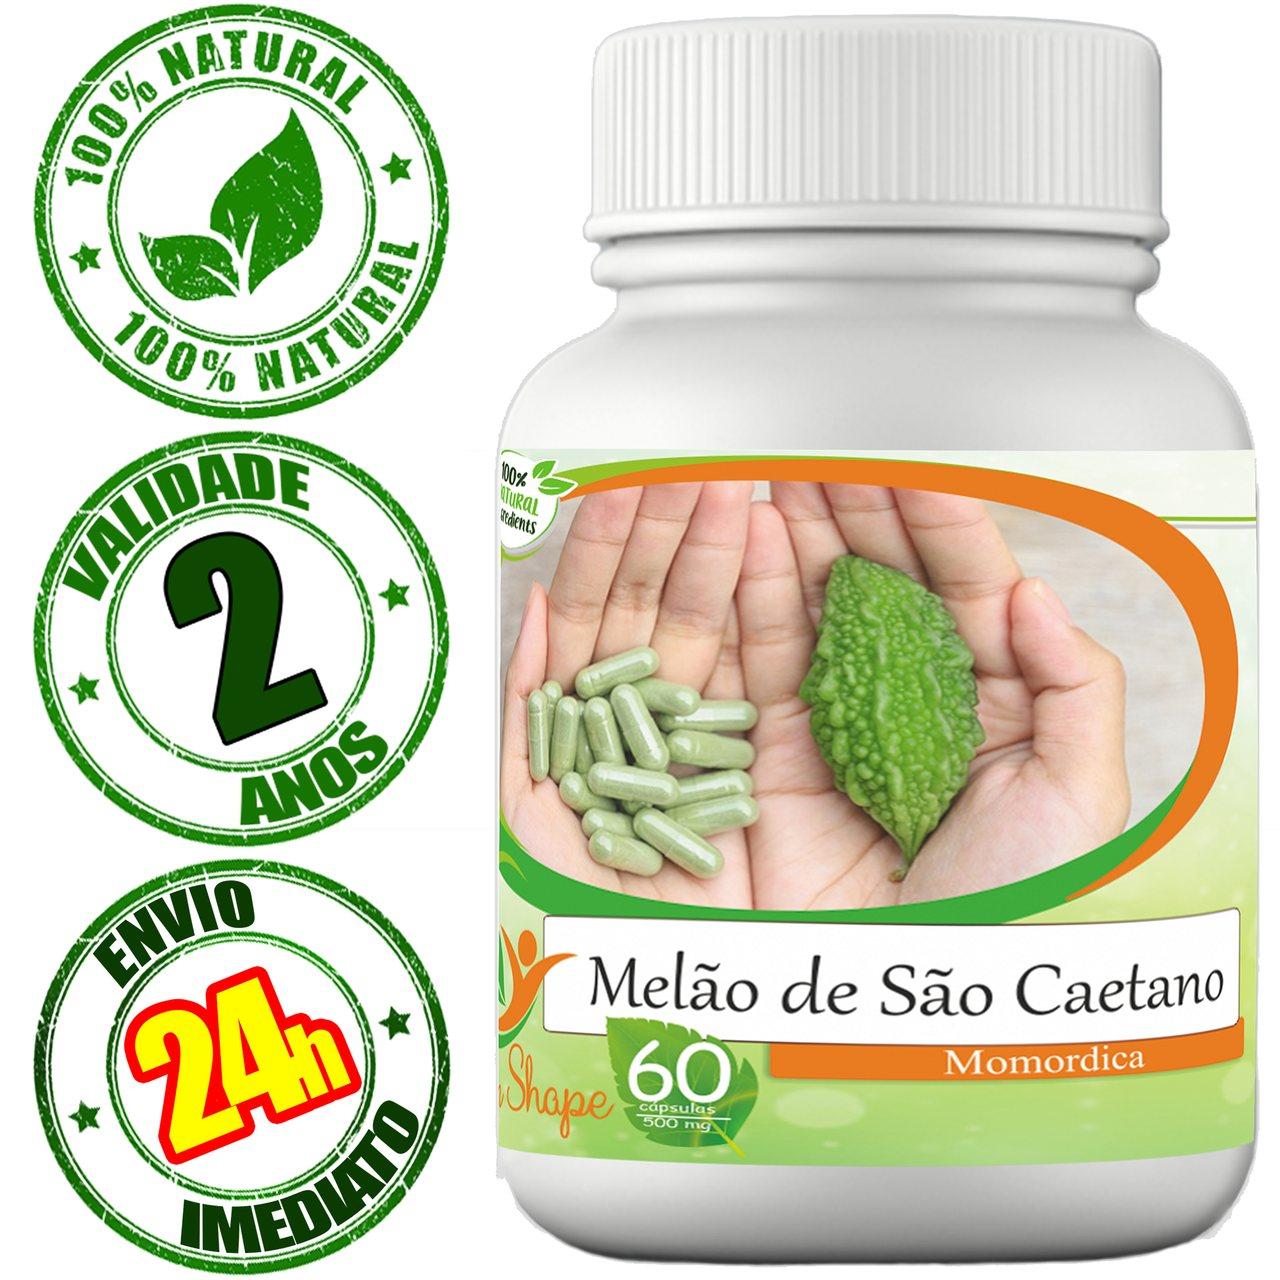 6 frascos de Melão de São Caetano 60 cápsulas cada frasco